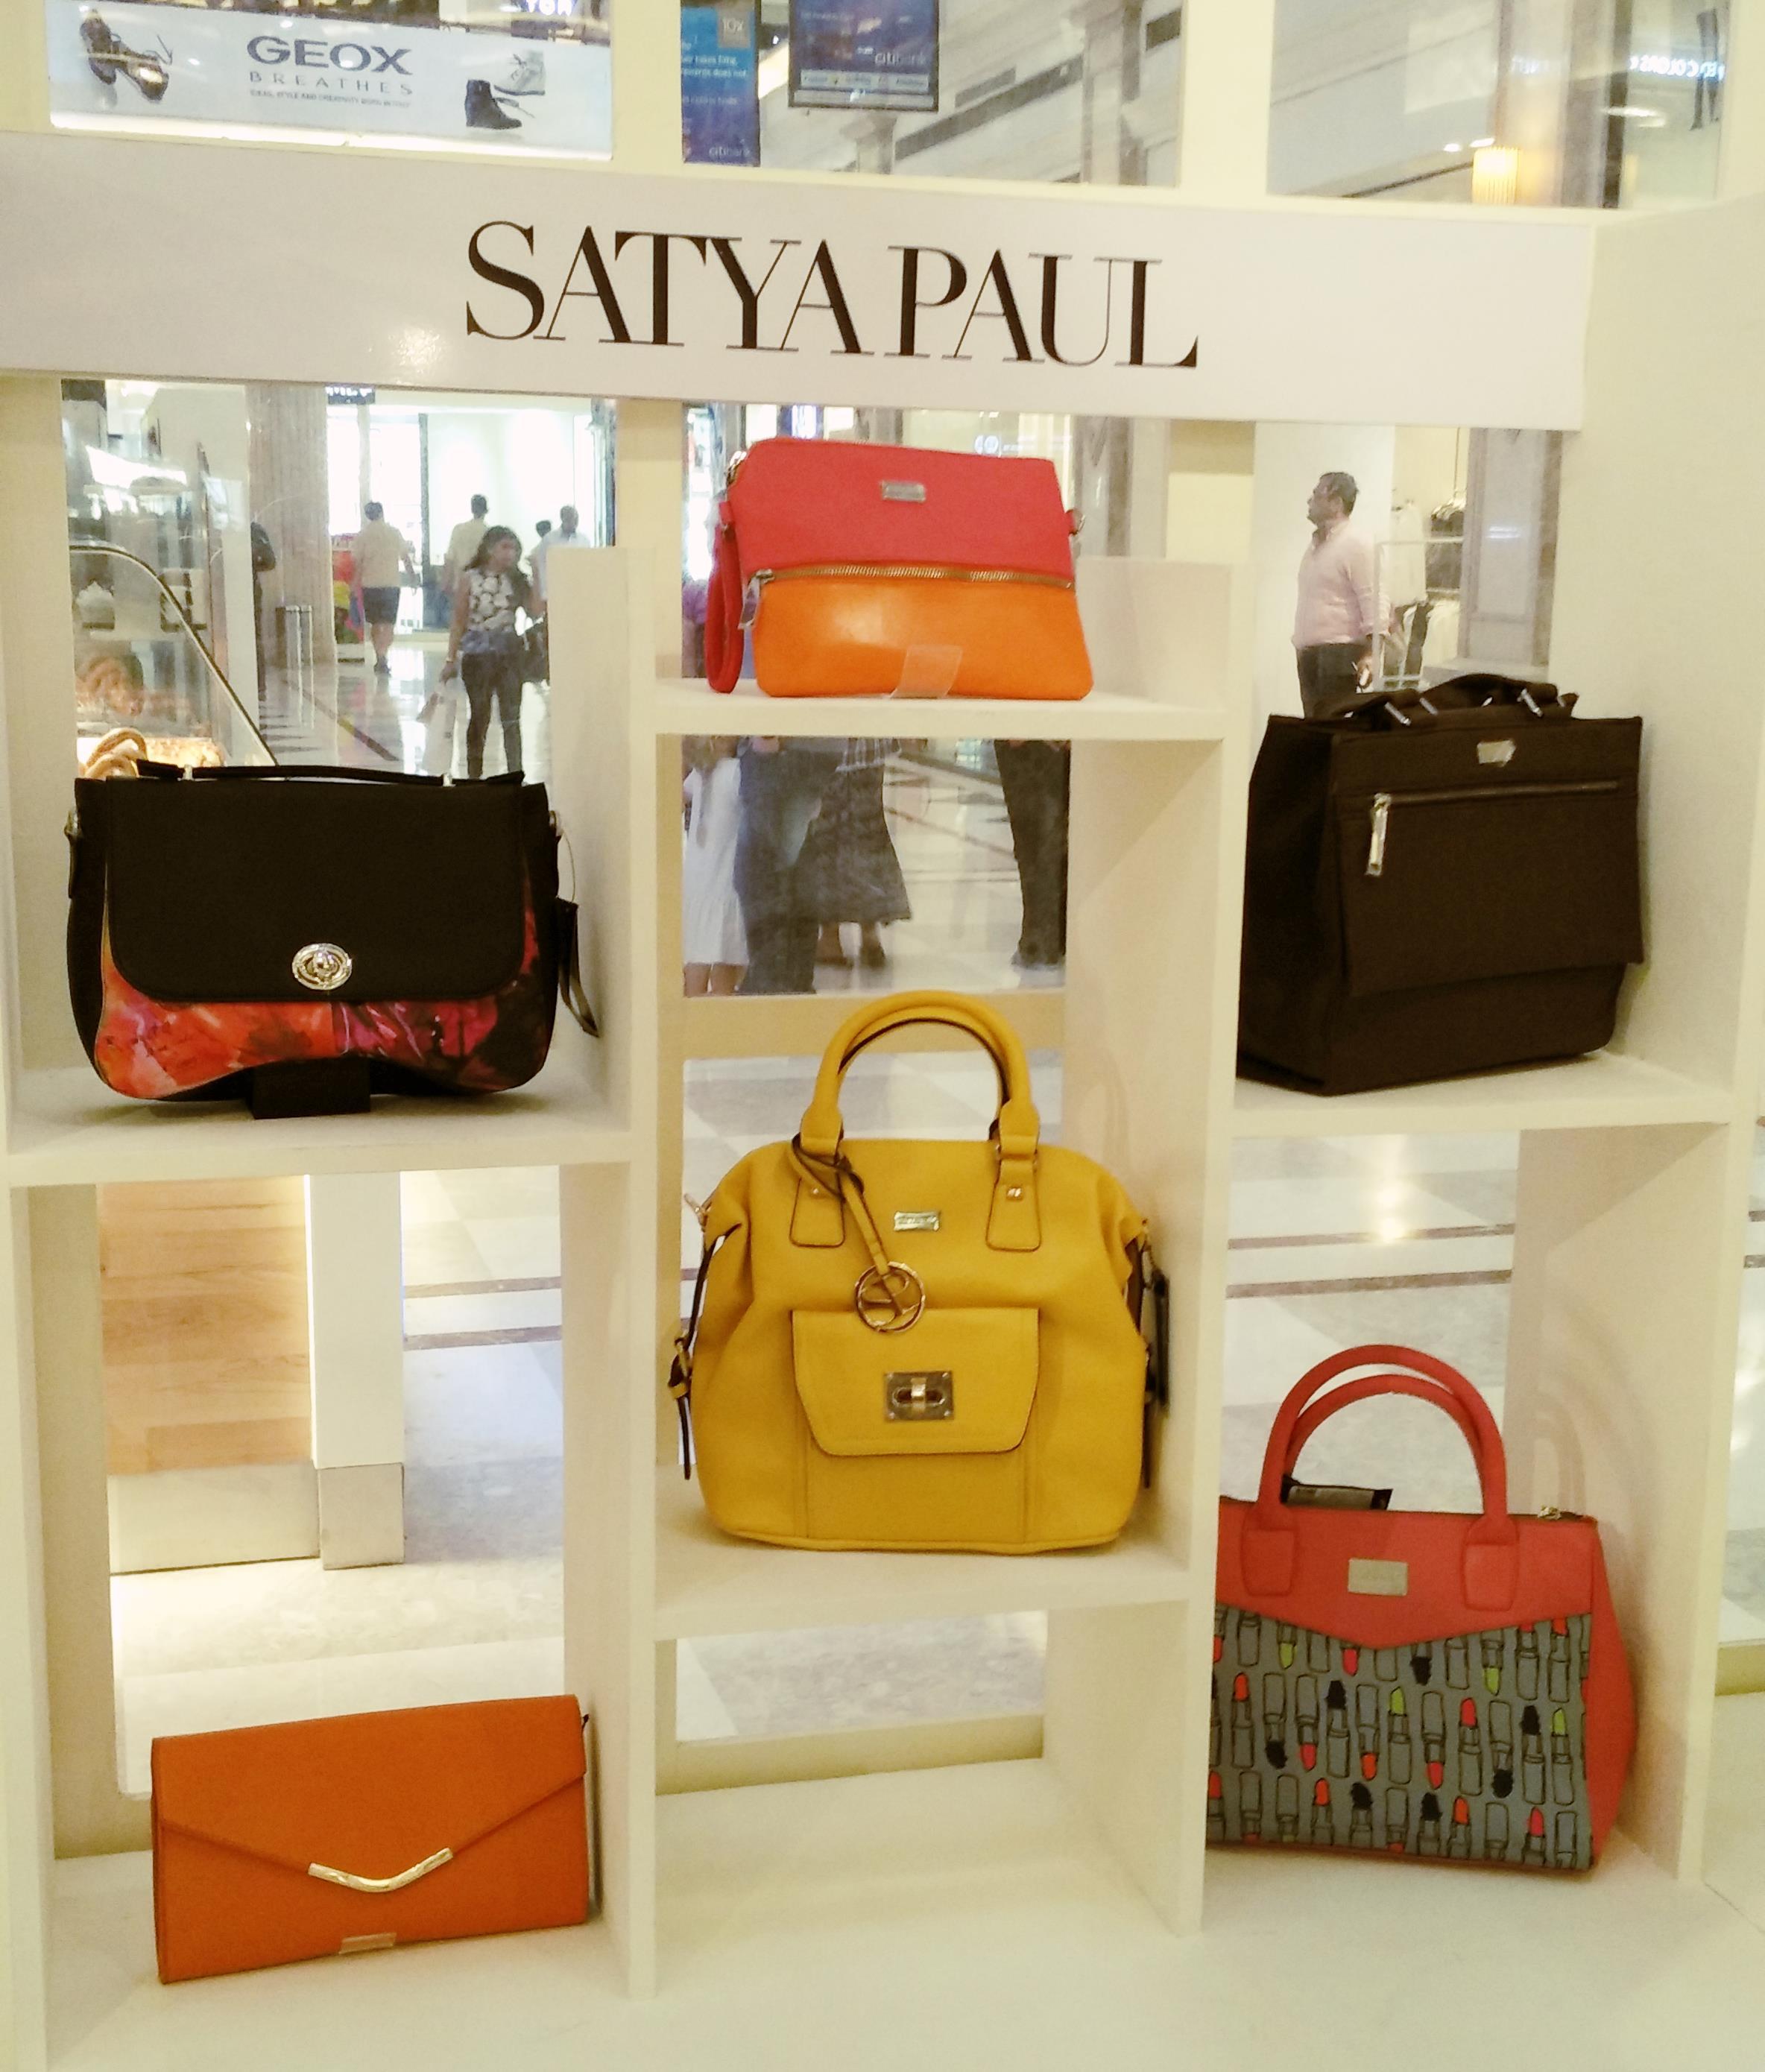 Satya Paul at Shoes and Bag Festival